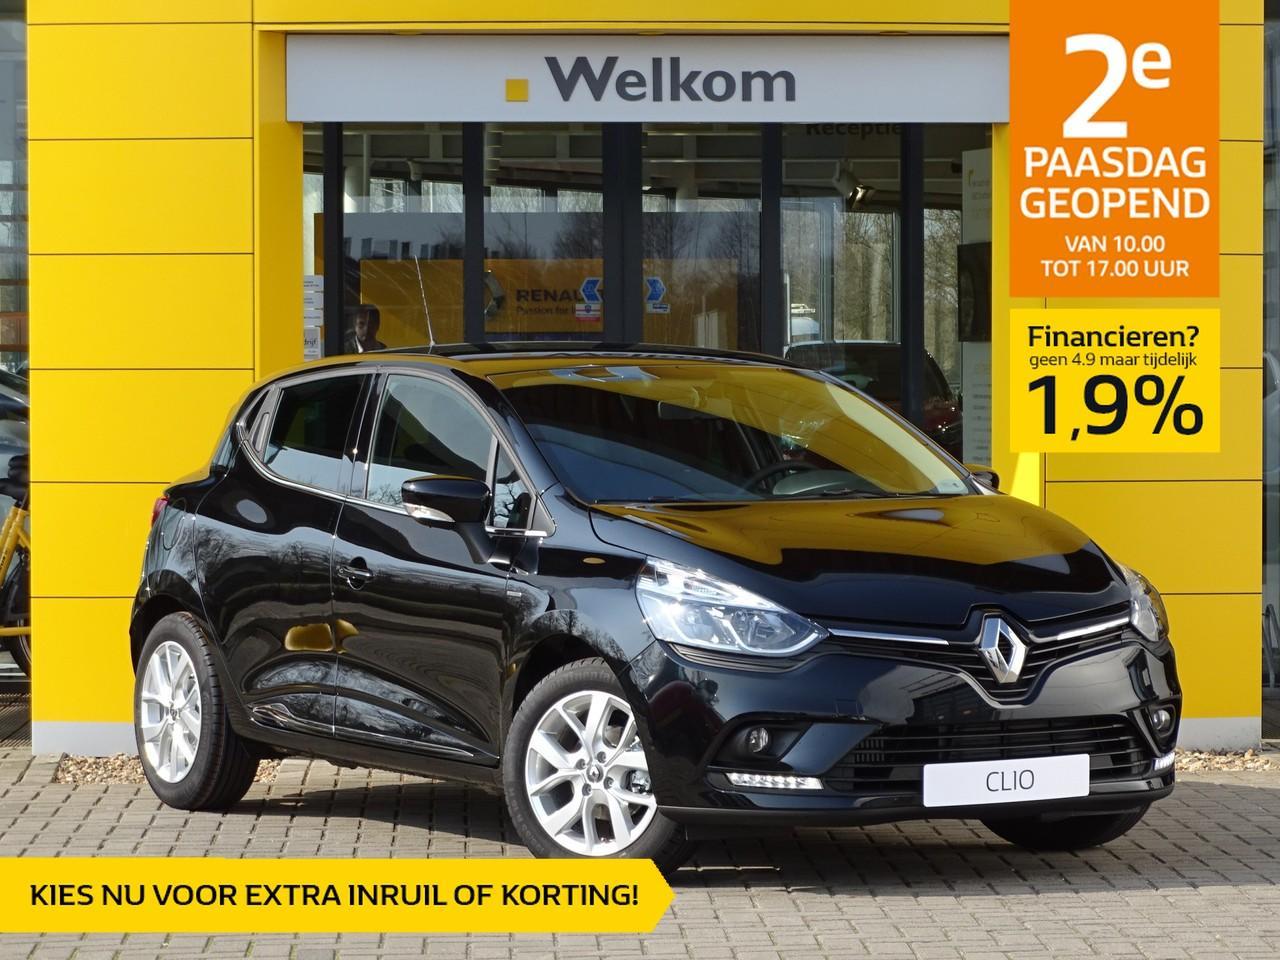 Renault Clio Tce 90pk limited normaal rijklaar 19.895,- nu rijklaar 17.595,-